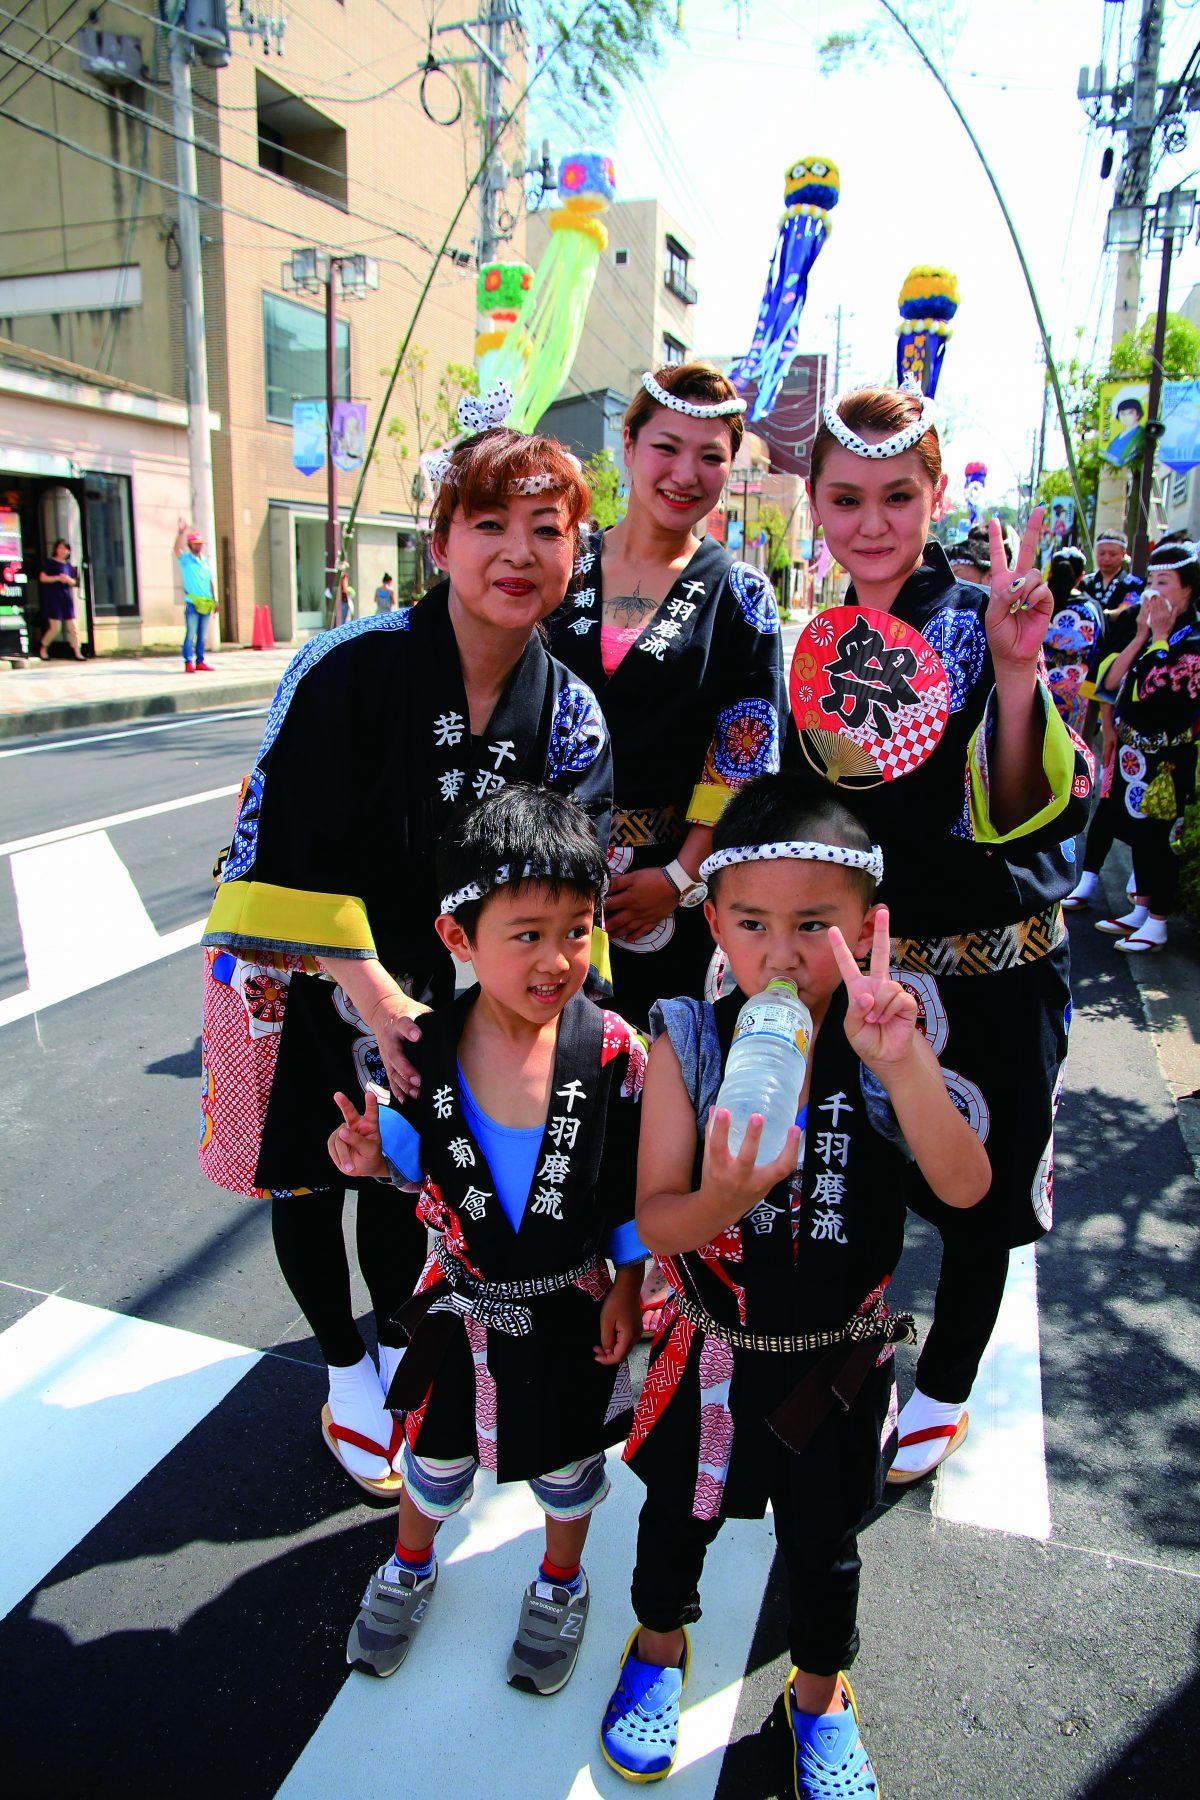 日本東北太平洋沿岸之旅  遇見美麗笑顏